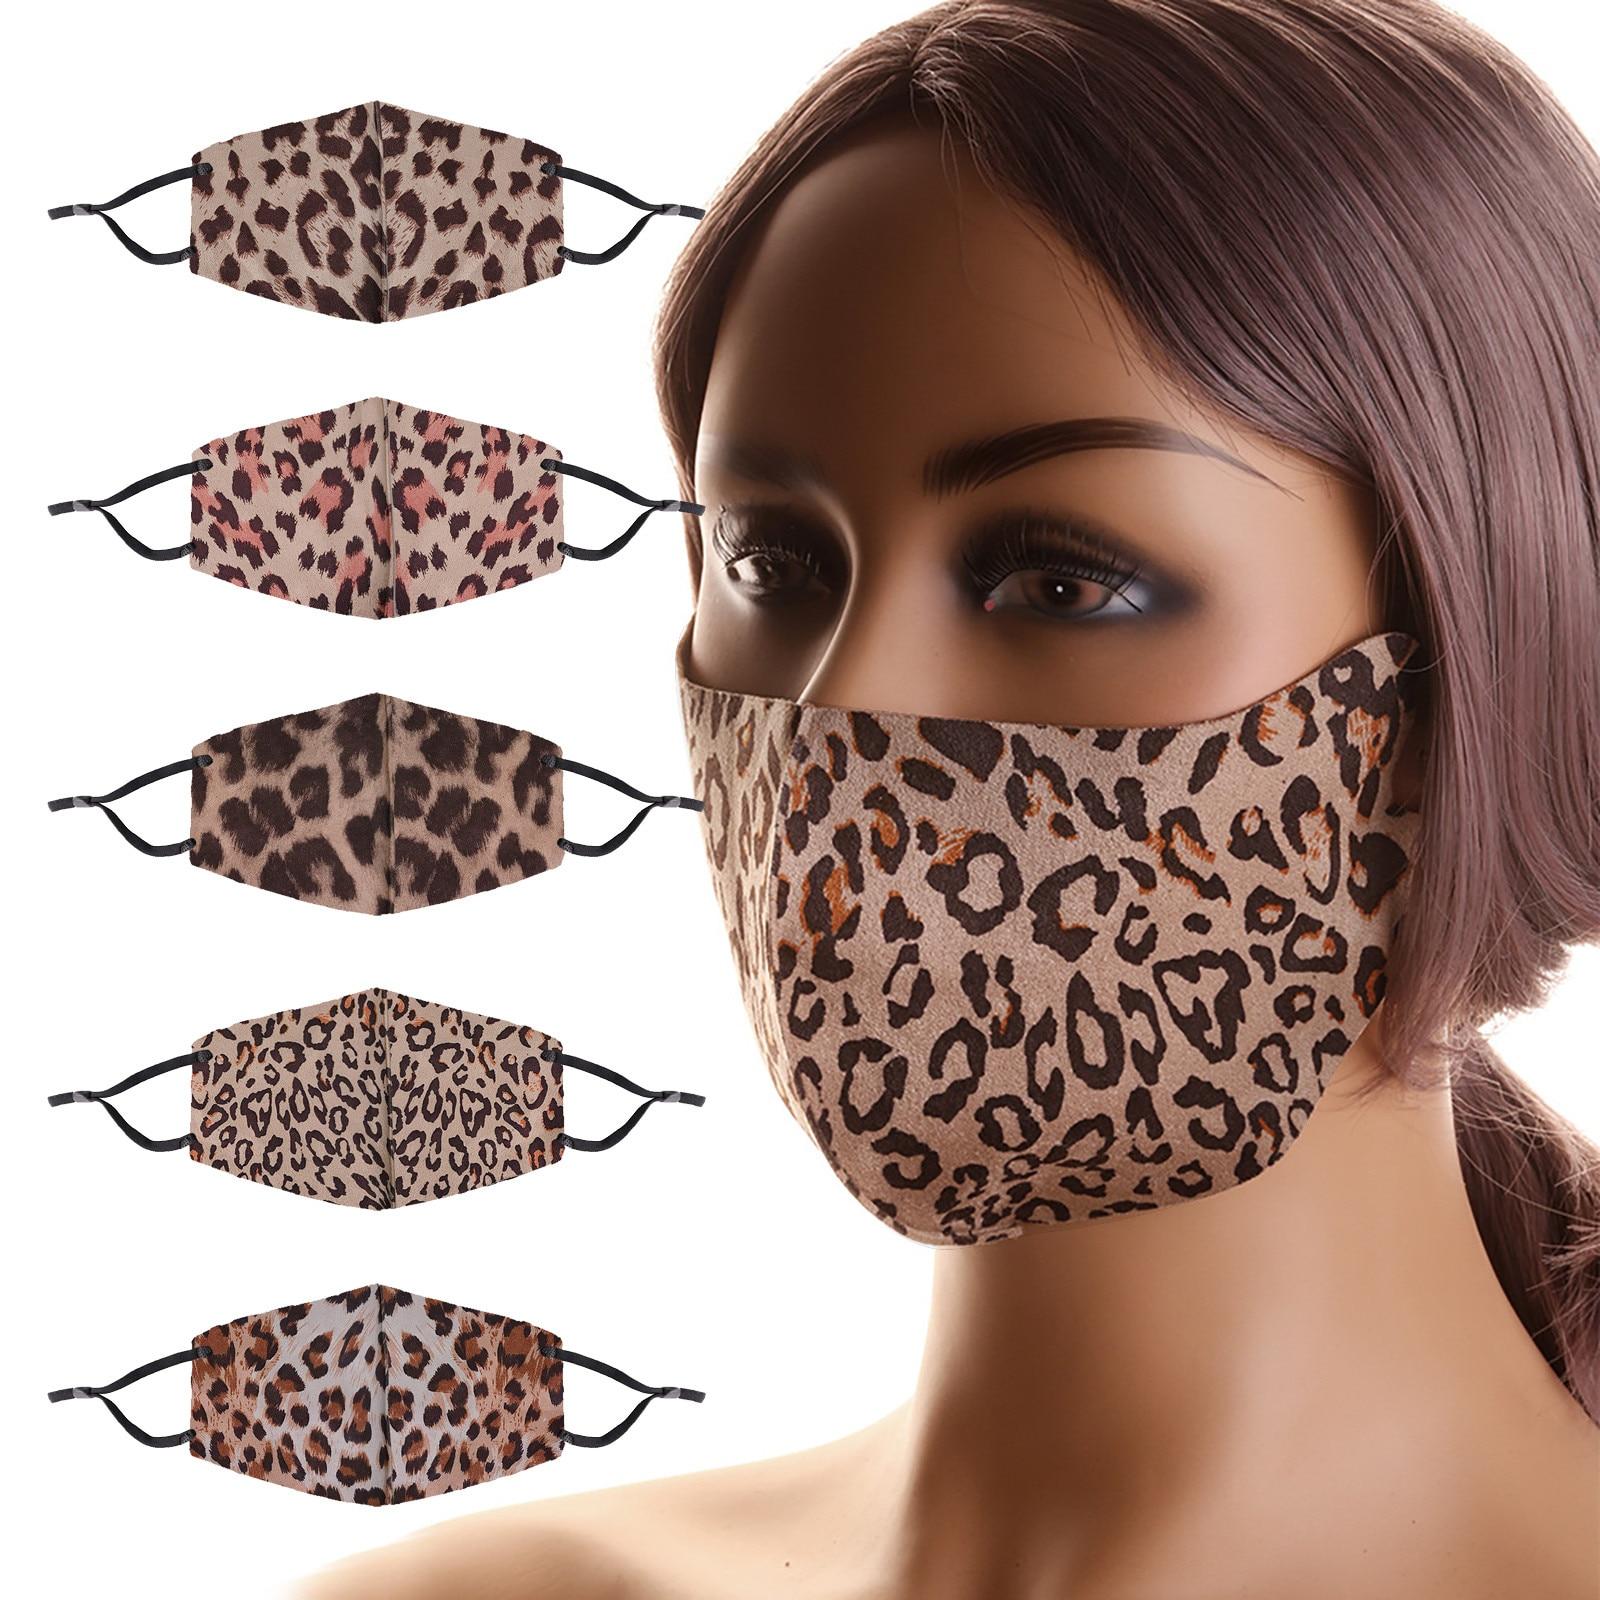 Тканевая маска леопардовая многоразовая маска для рта моющаяся хлопковая маска для лица Защитная маска для взрослых мужчин женщин шапки дл...